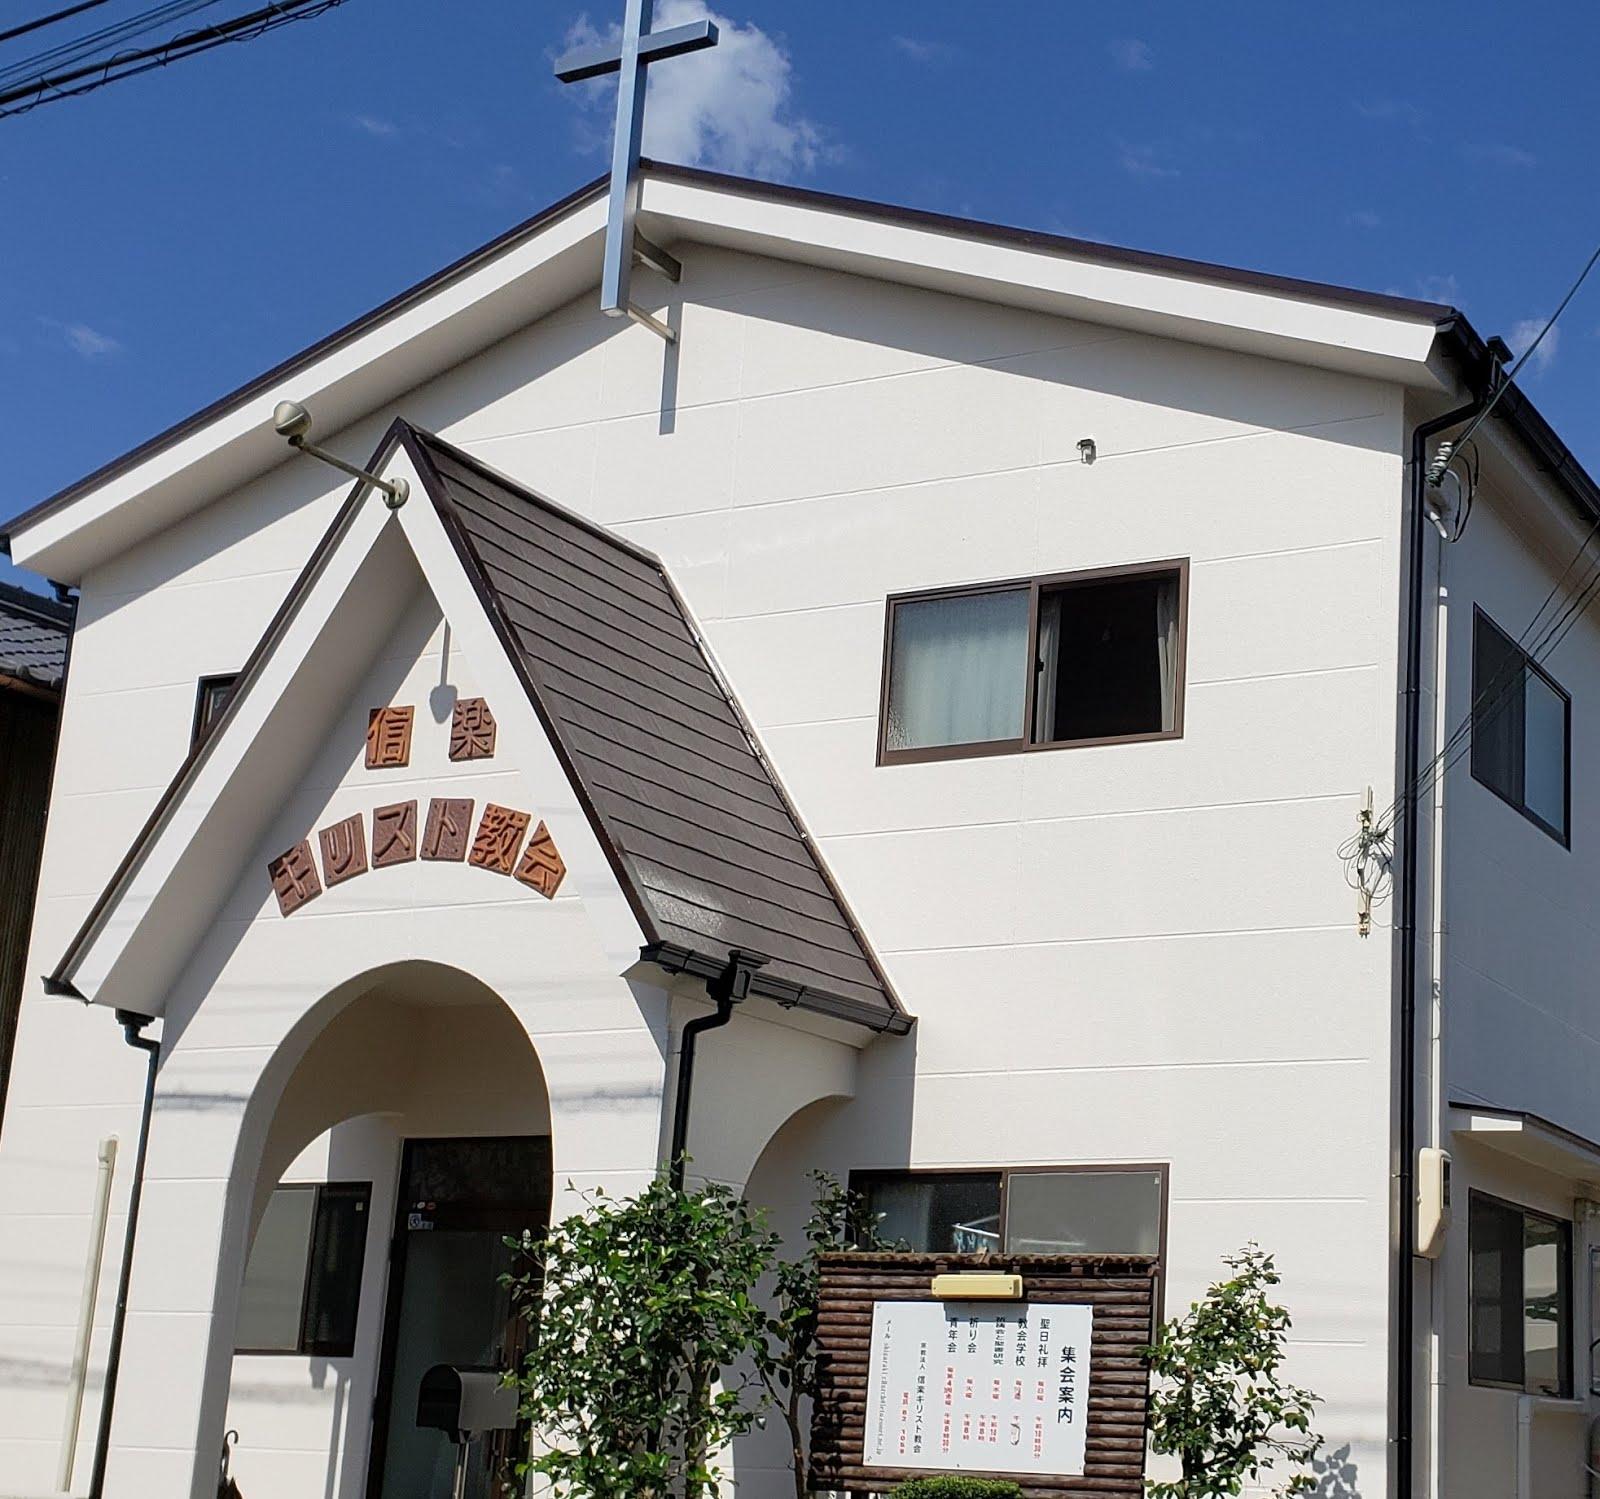 信楽キリスト教会